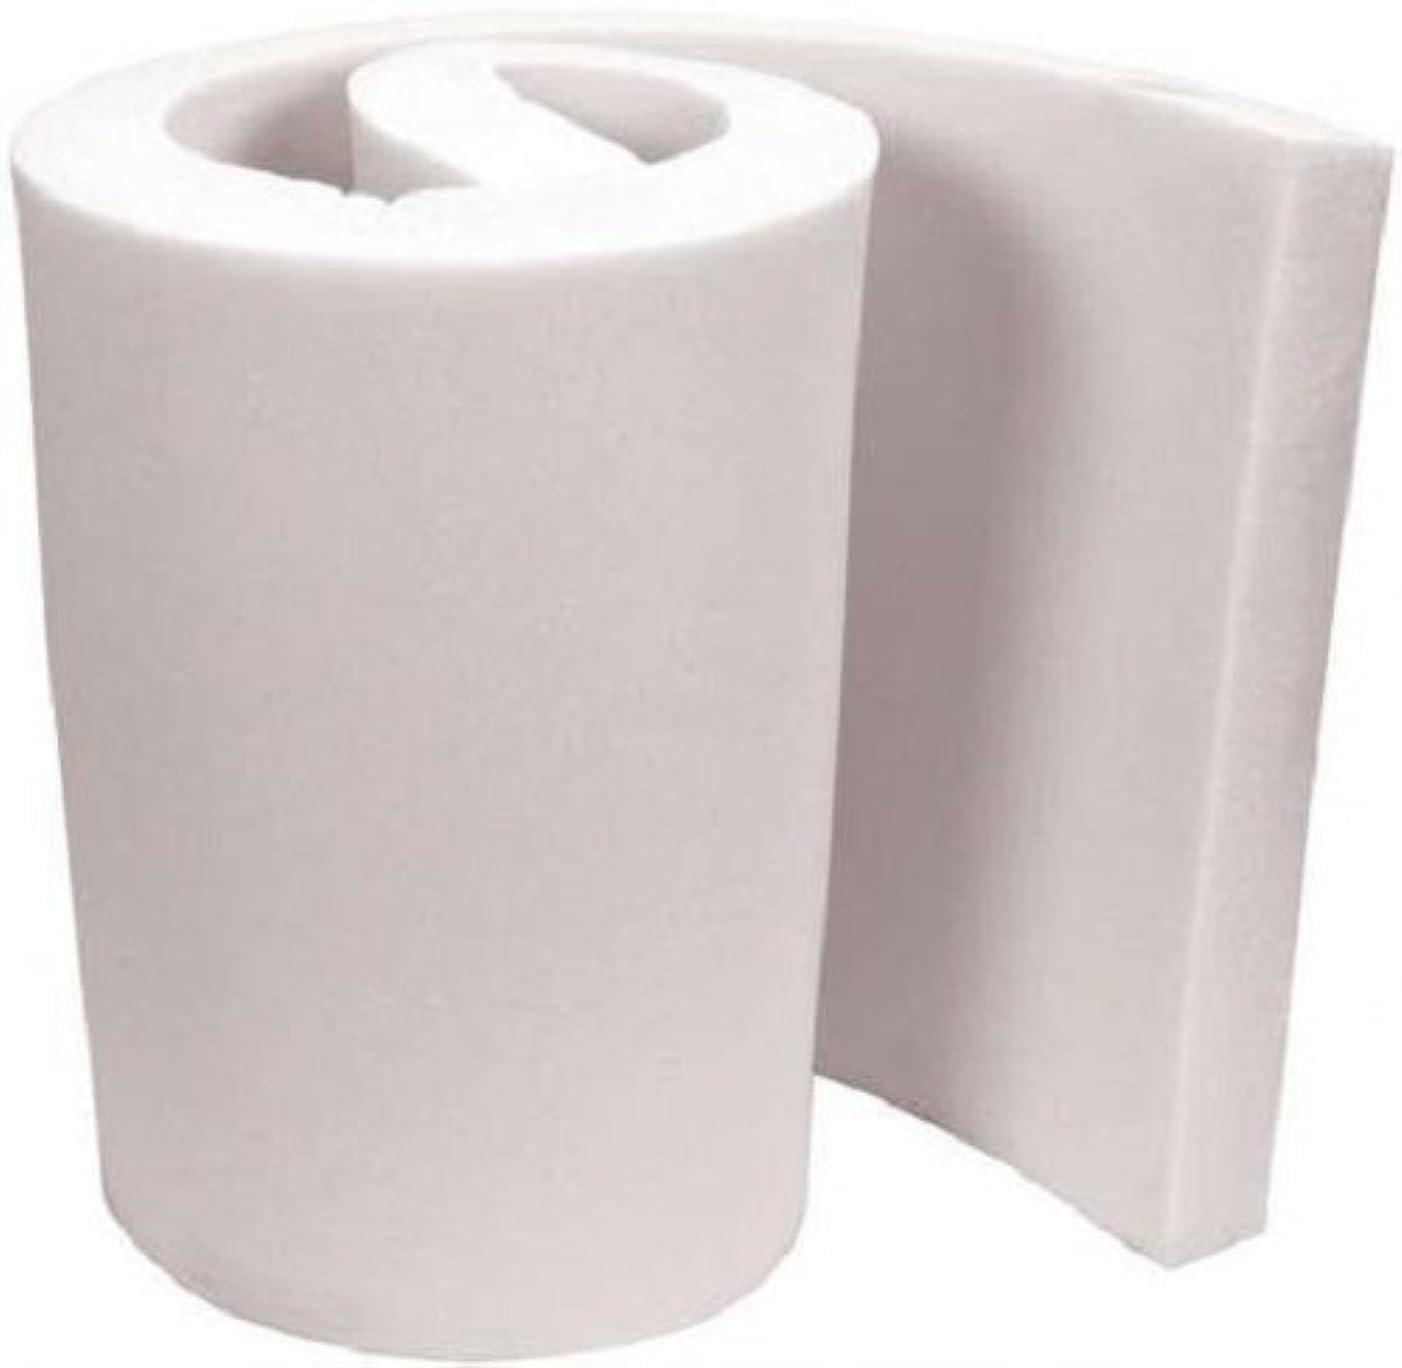 FoamTouch 5x24x24HDF Upholstery Foam Cushion High Density, 5